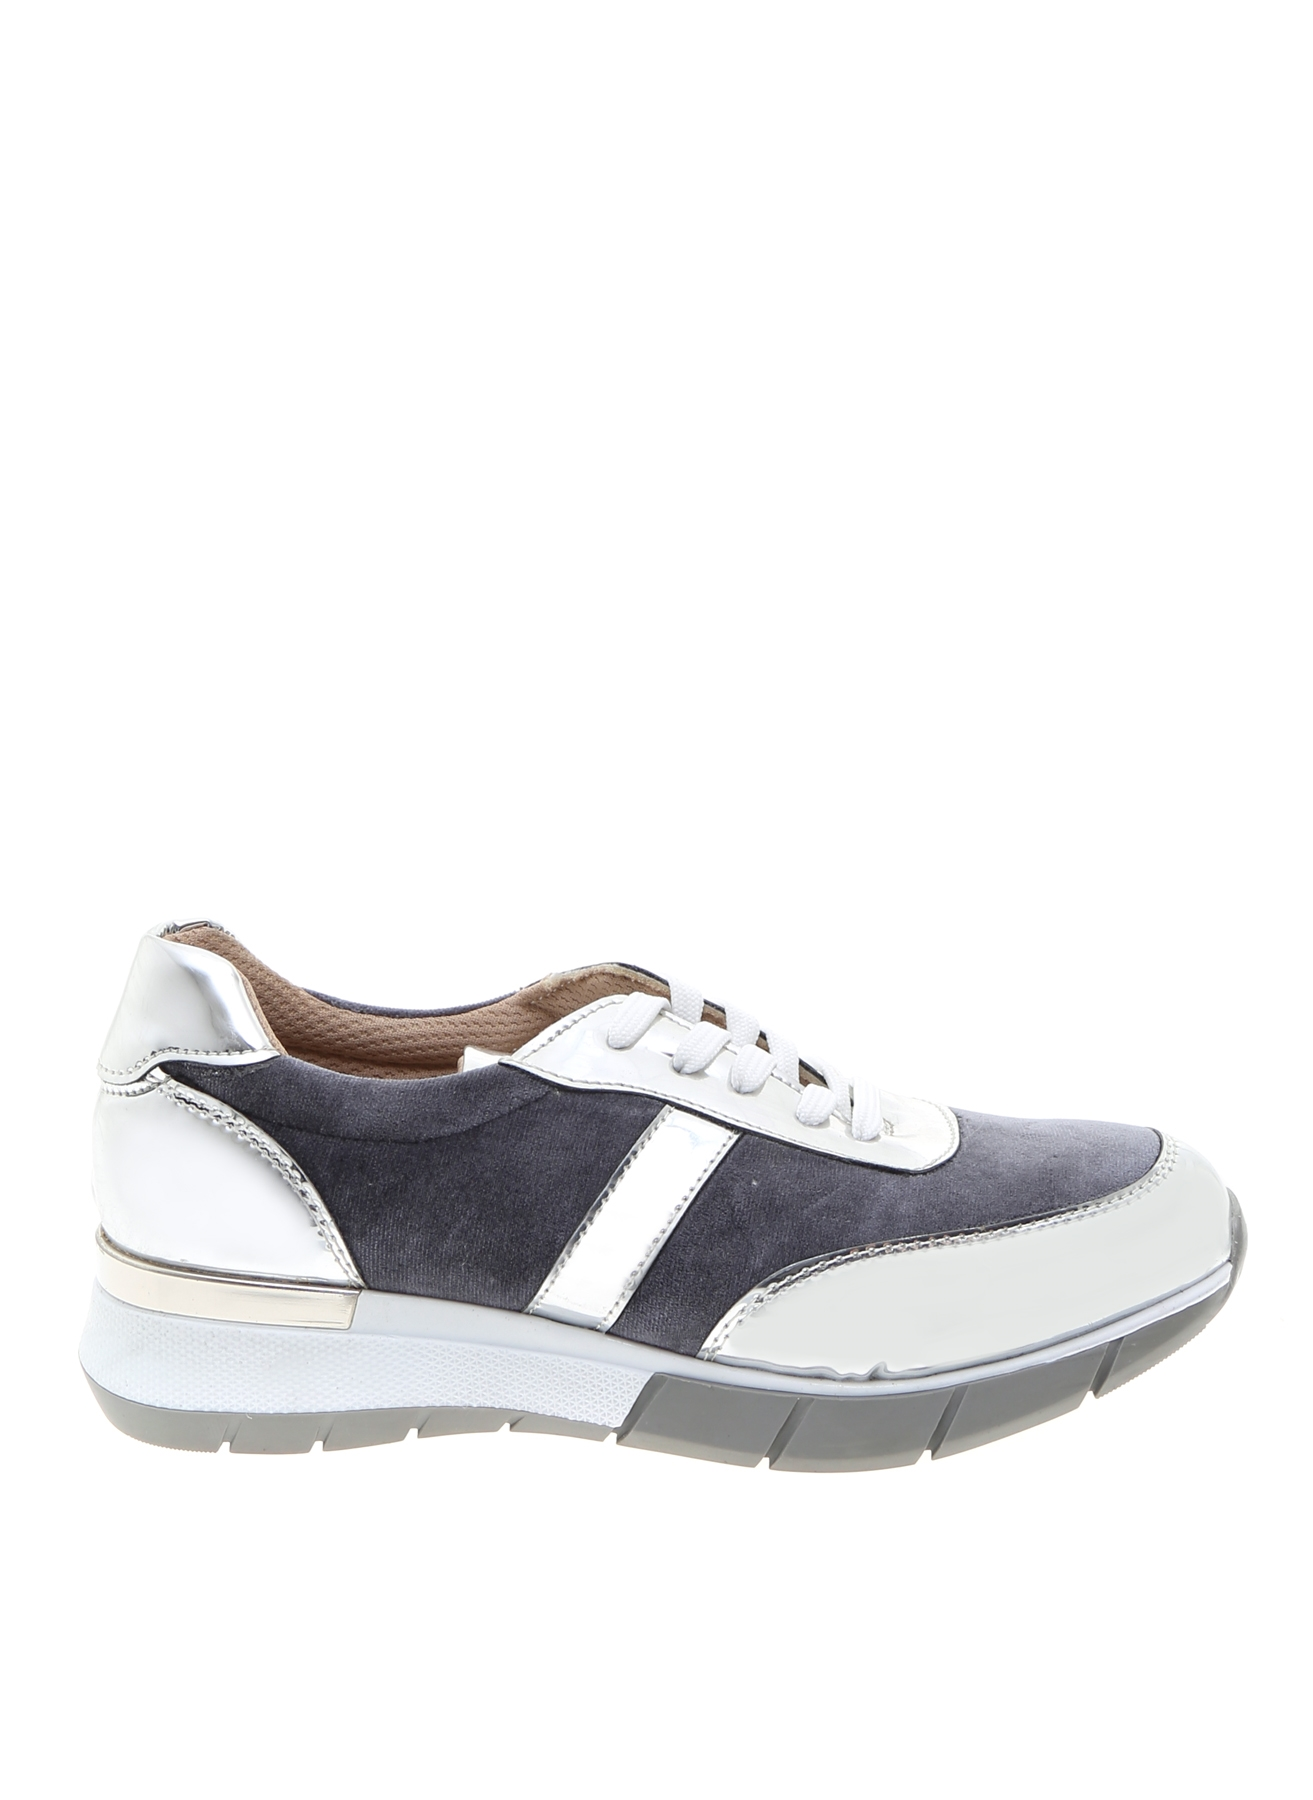 Pierre Cardin Kadın Düz Ayakkabı 37 5000171186002 Ürün Resmi